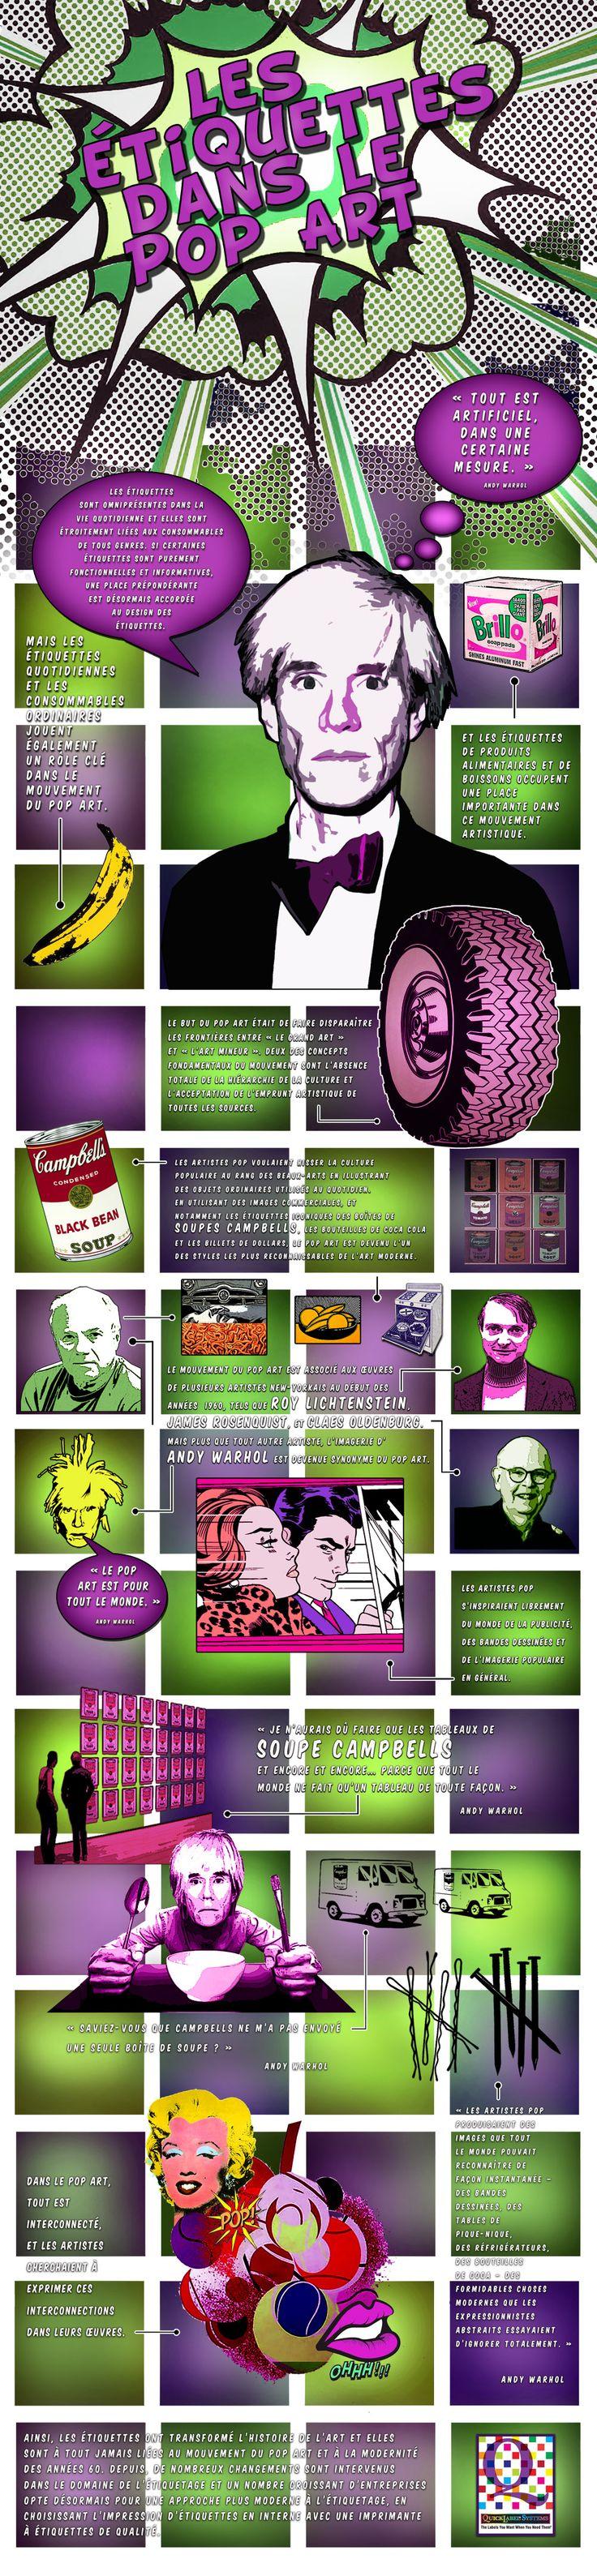 Impression d'étiquettes et Pop Art par QuickLabel - Cette infographie Pop Art est fournie par www.quicklabel.fr, une société spécialisé dans les imprimantes d'étiquettes pour une utilisation en interne.